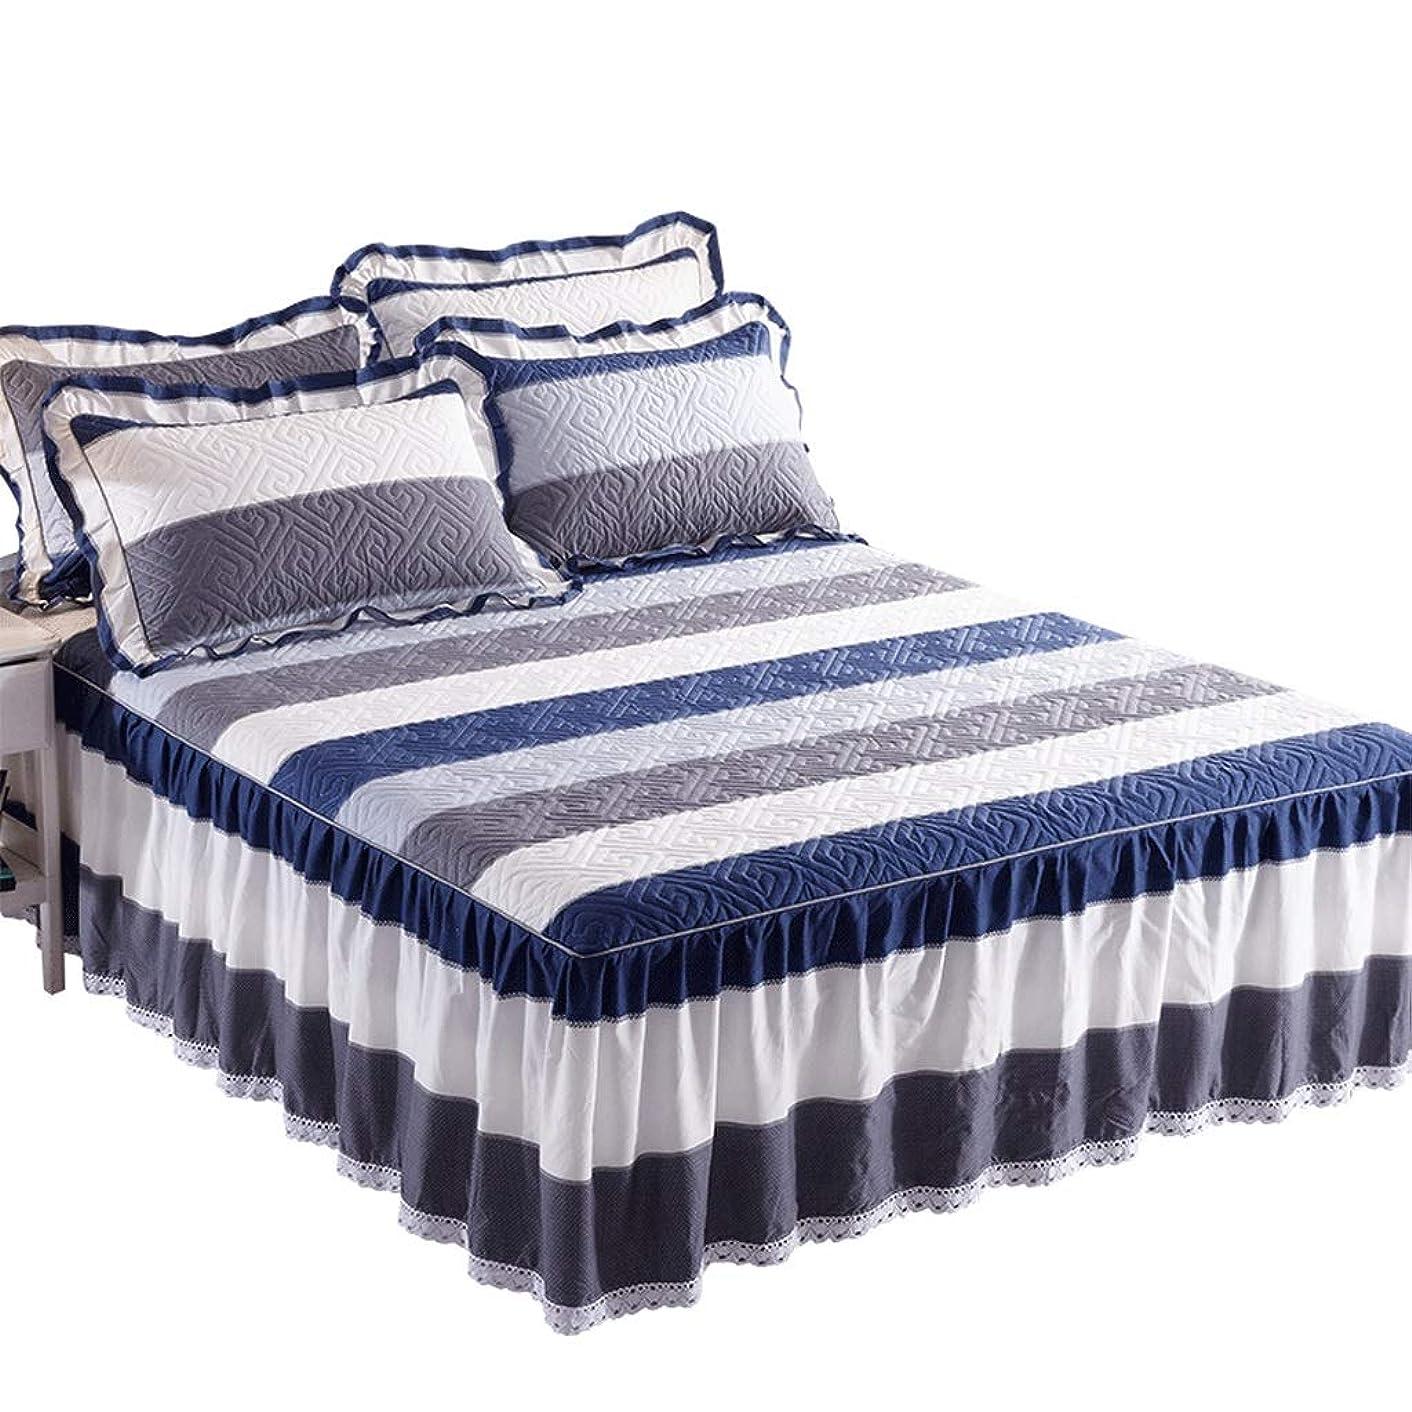 グレー可愛い和解するコットンのベッドスカート豪華なプレミアム品質しわと退色耐性マイクロファイバーマルチフリル滑り止め保護ケース - ほこりを追加 (色 : H h, サイズ さいず : 120 × 200cm+pillowcase)